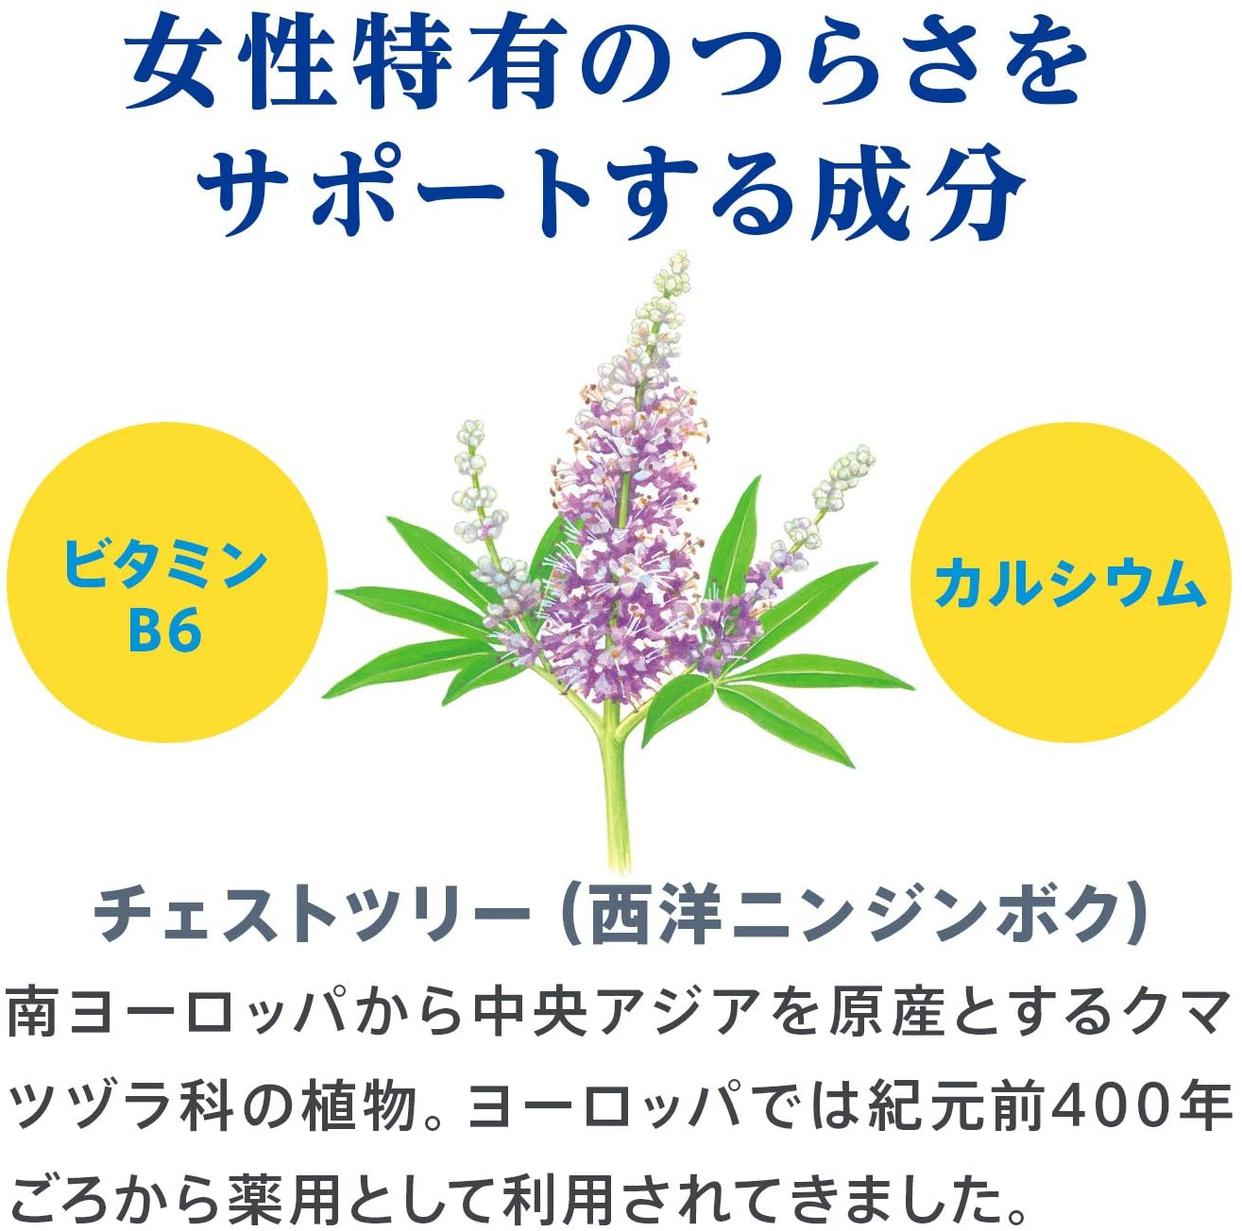 佐藤製薬(sato) サトウチェストツリーの商品画像4